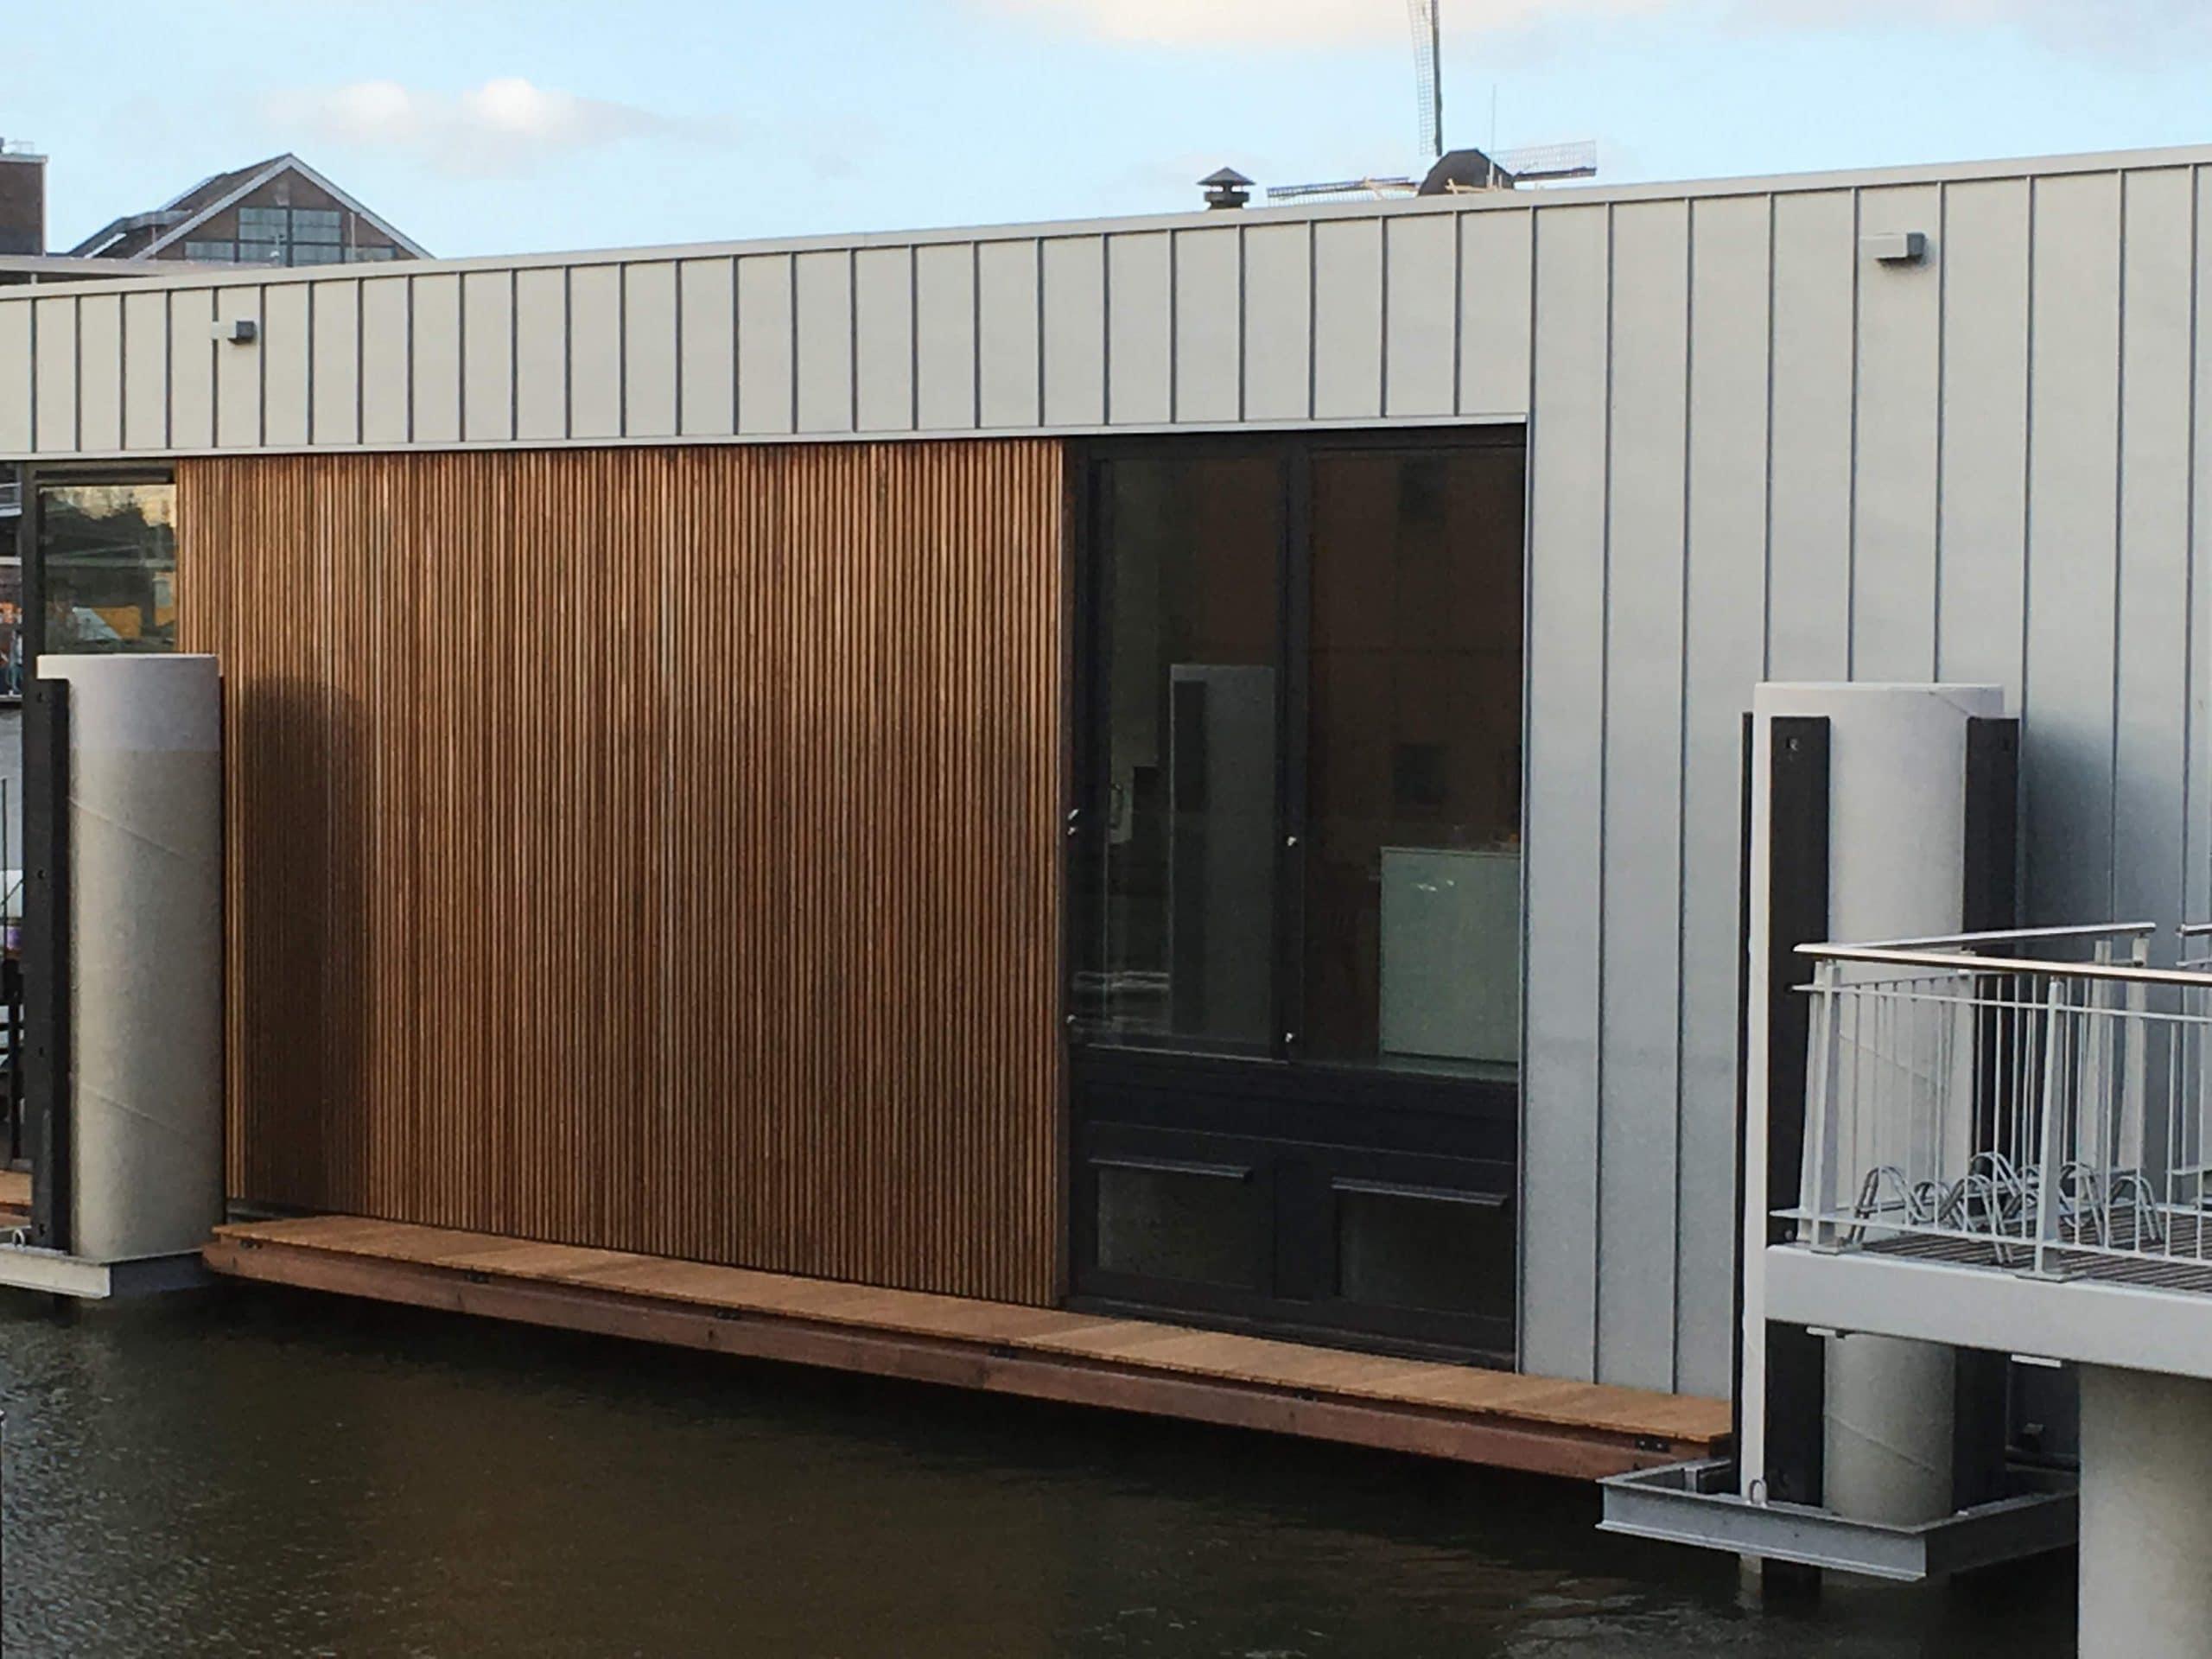 Particuliere woning voorzien van Clearview 50 teneinde zonnewarmte opwarming te reduceren